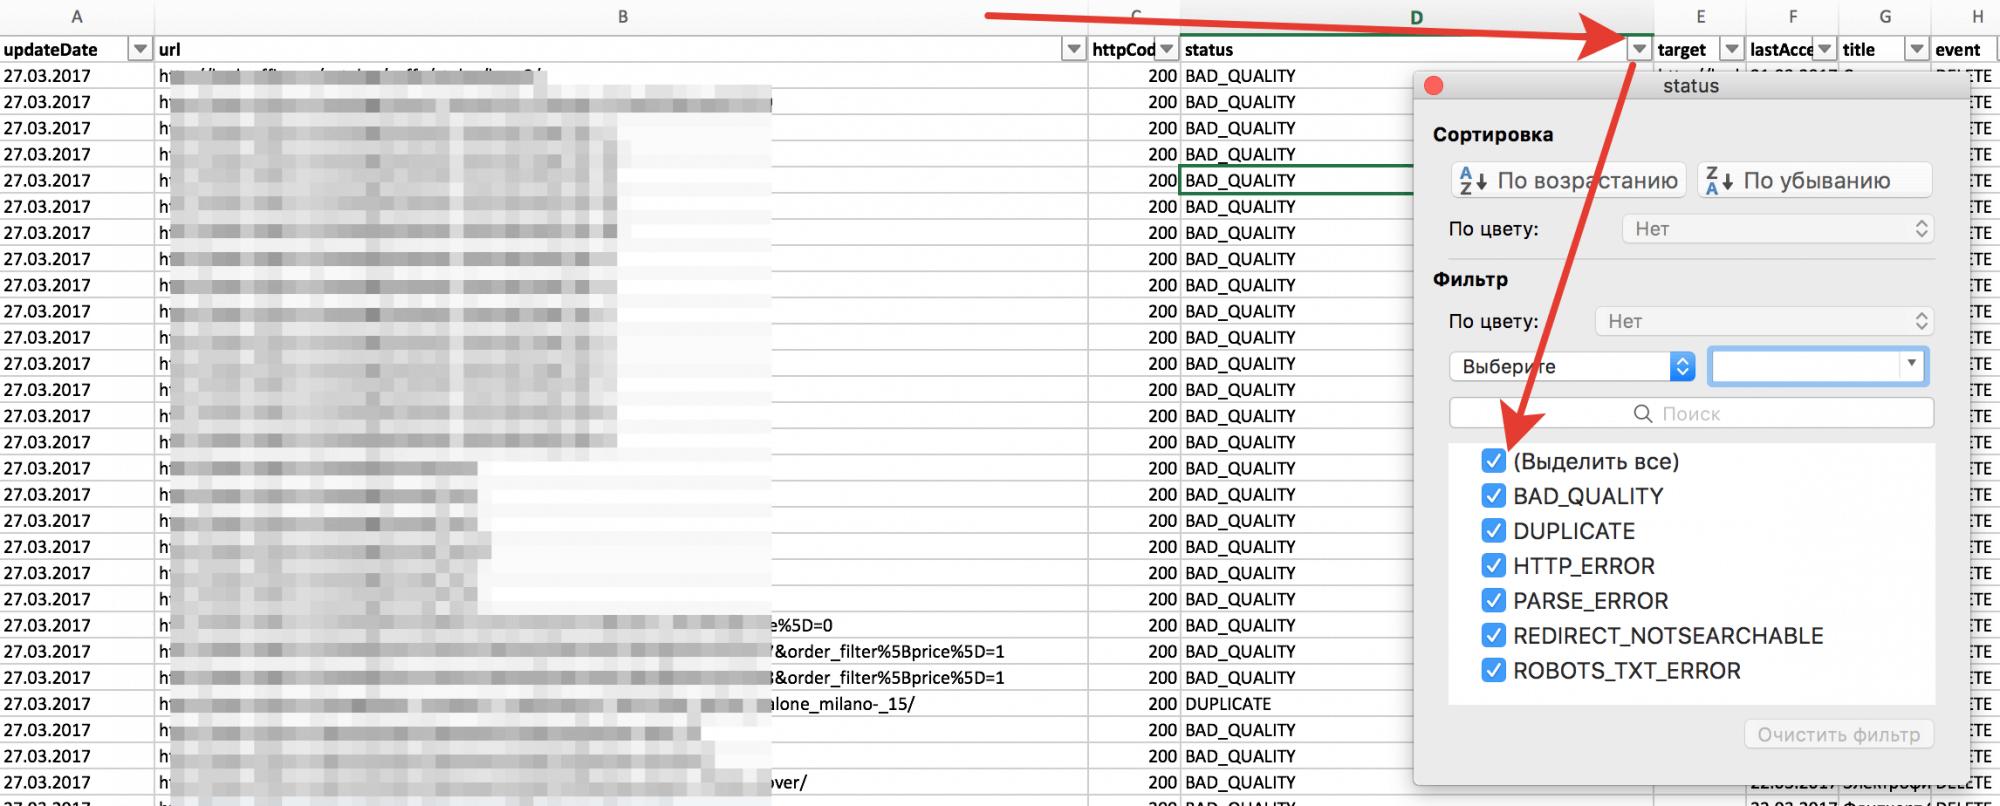 Исследование обновления индекса сайта в Яндексе